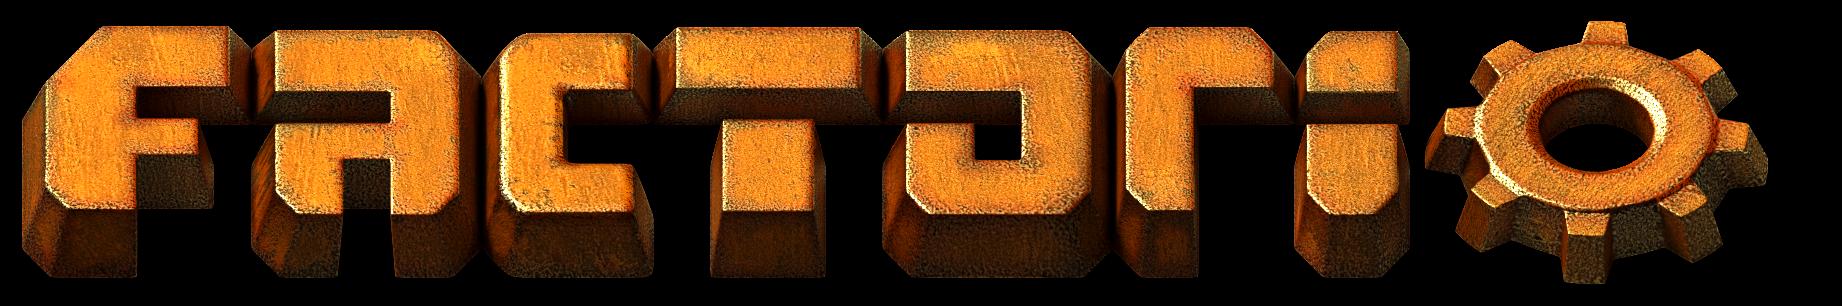 Factorio-logo.png